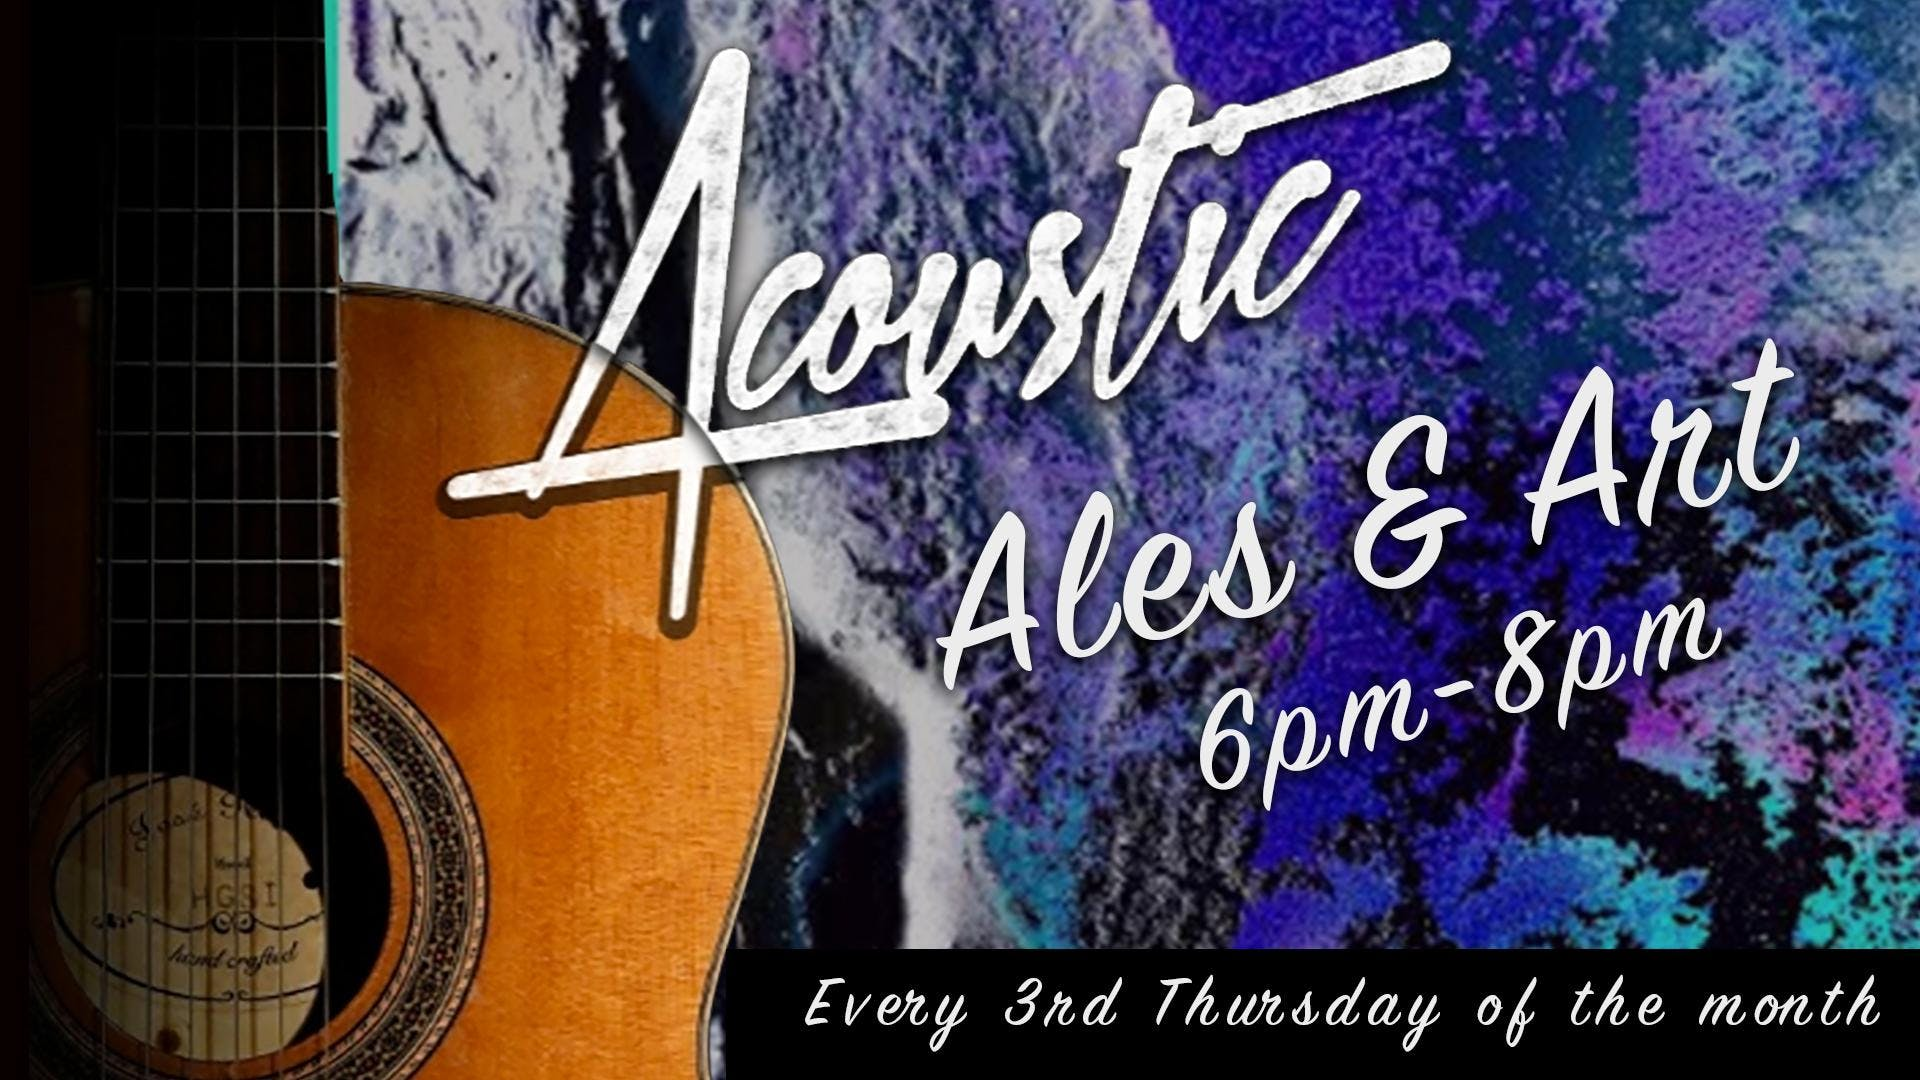 Acoustic, Ales & Art